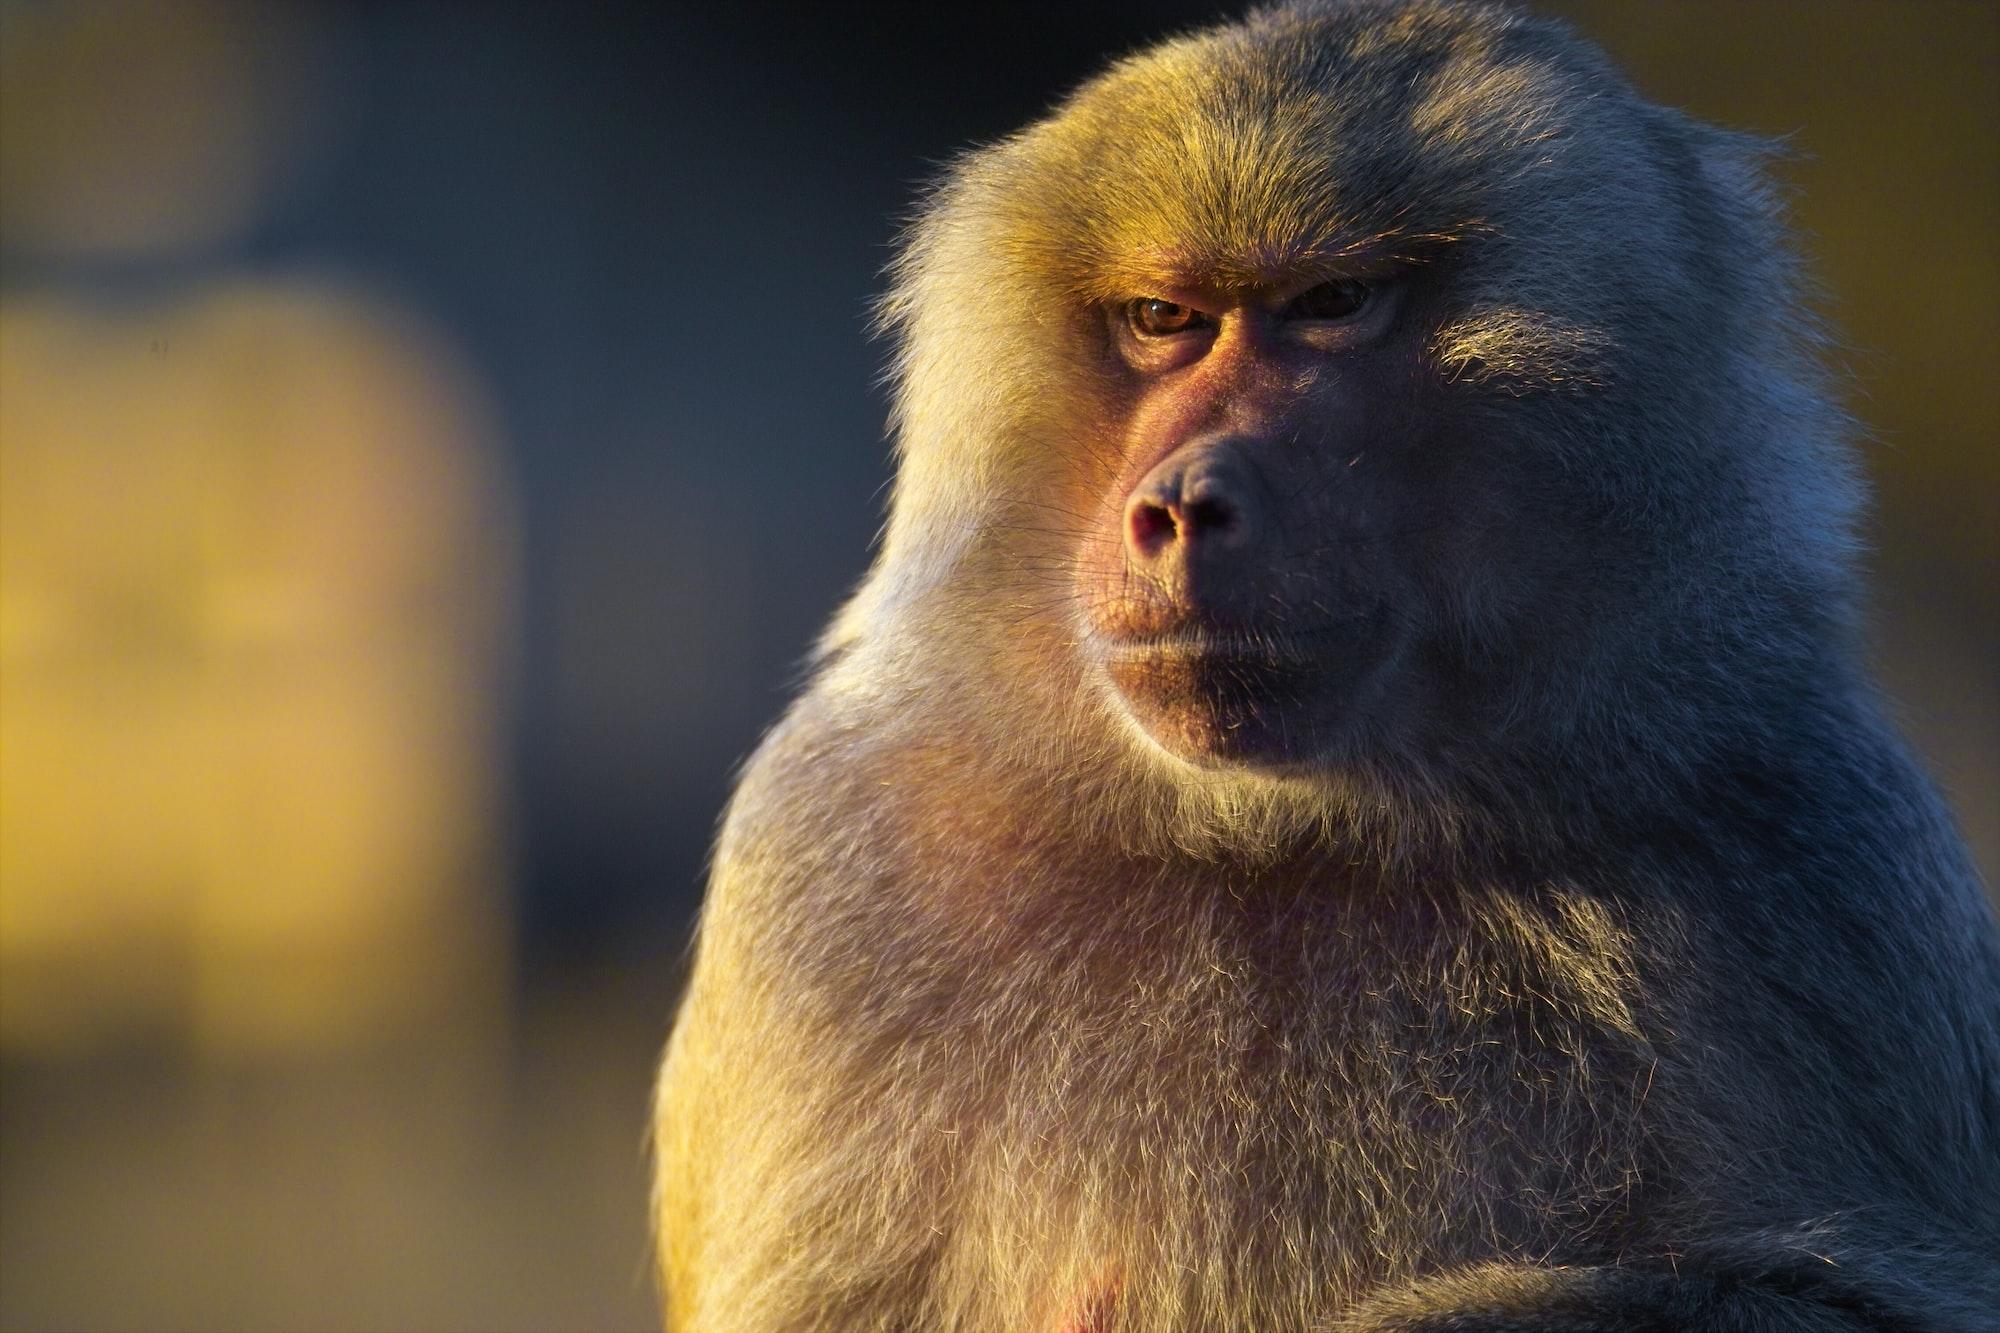 La révolte des singes de wall-street